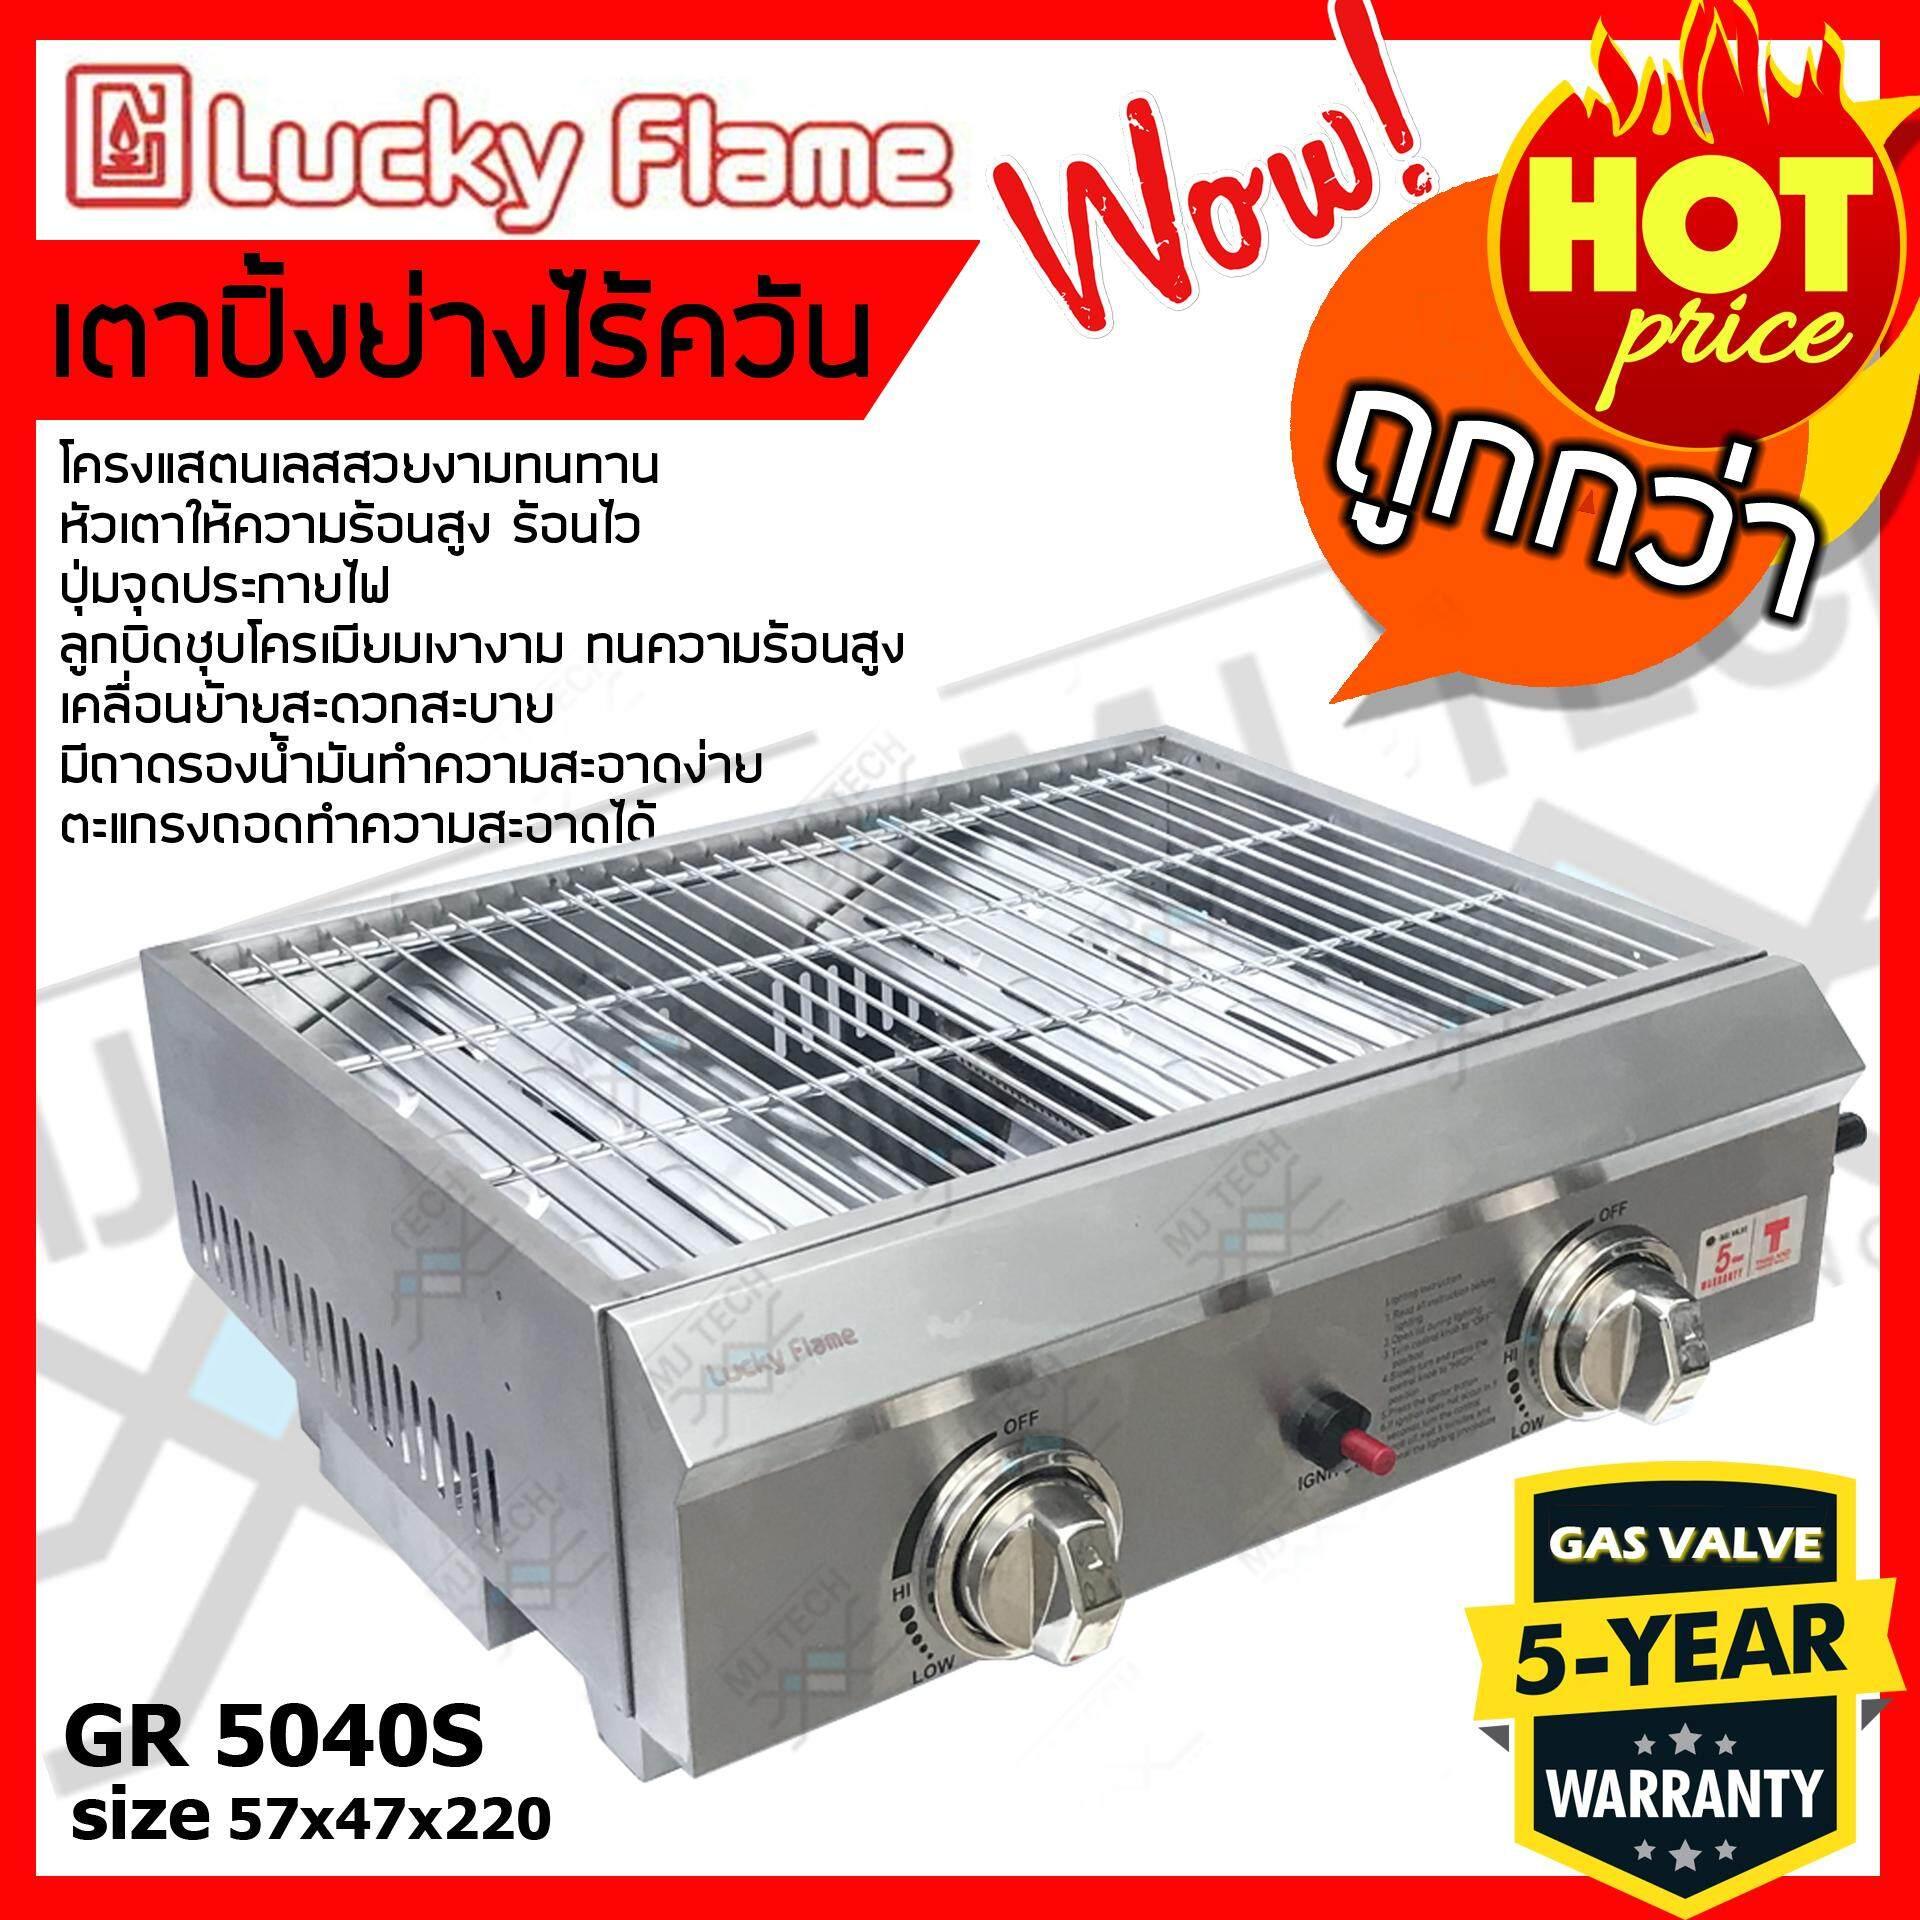 Lucky Flame เตาแก๊สย่างไร้ควัน อเนกประสงค์ รุ่น GR-5040-S